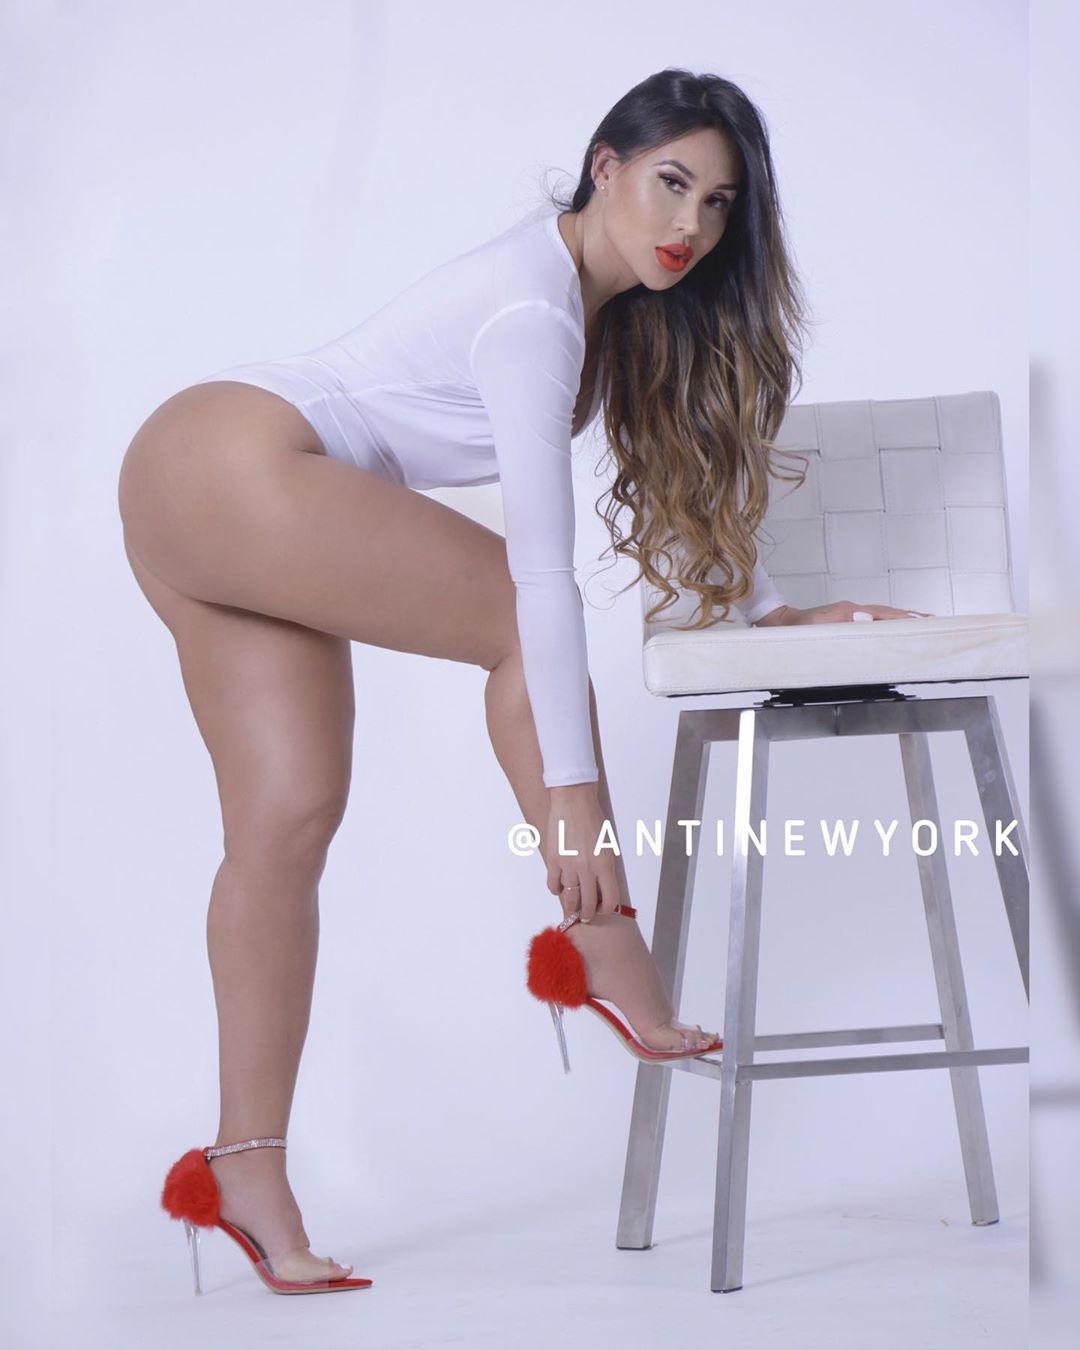 Luisa Herrera